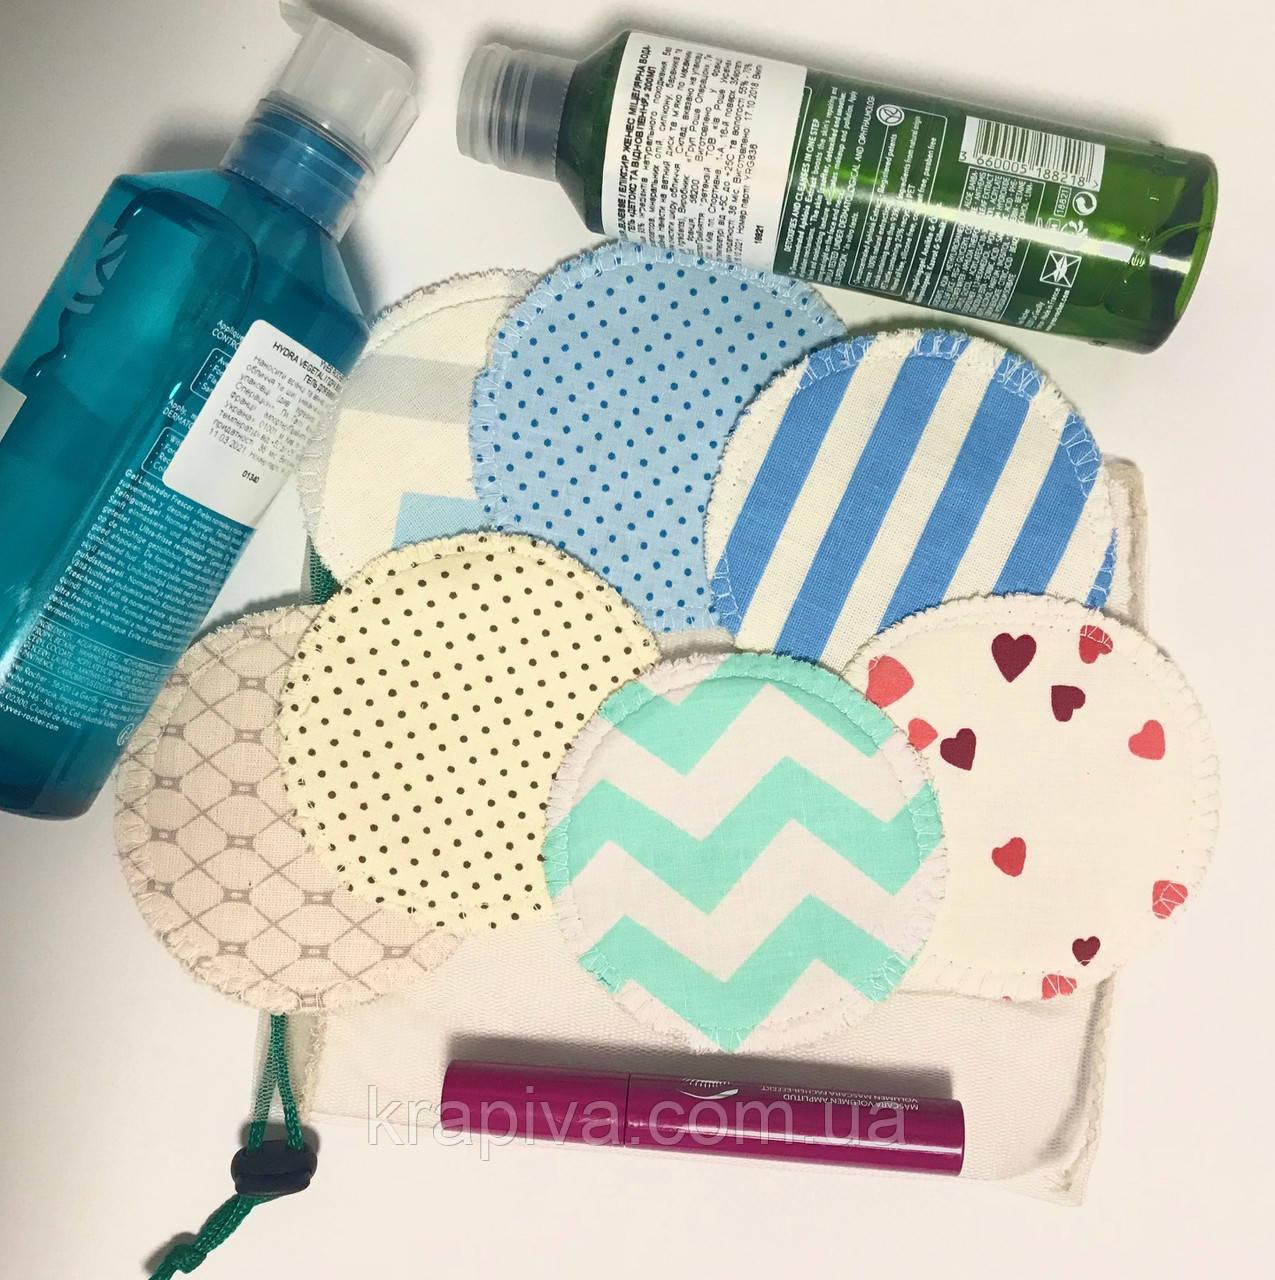 Набор 14 шт многоразовые спонжи для демакияжа и умывания на каждый день, набор для снятия макияжа, экоспонж